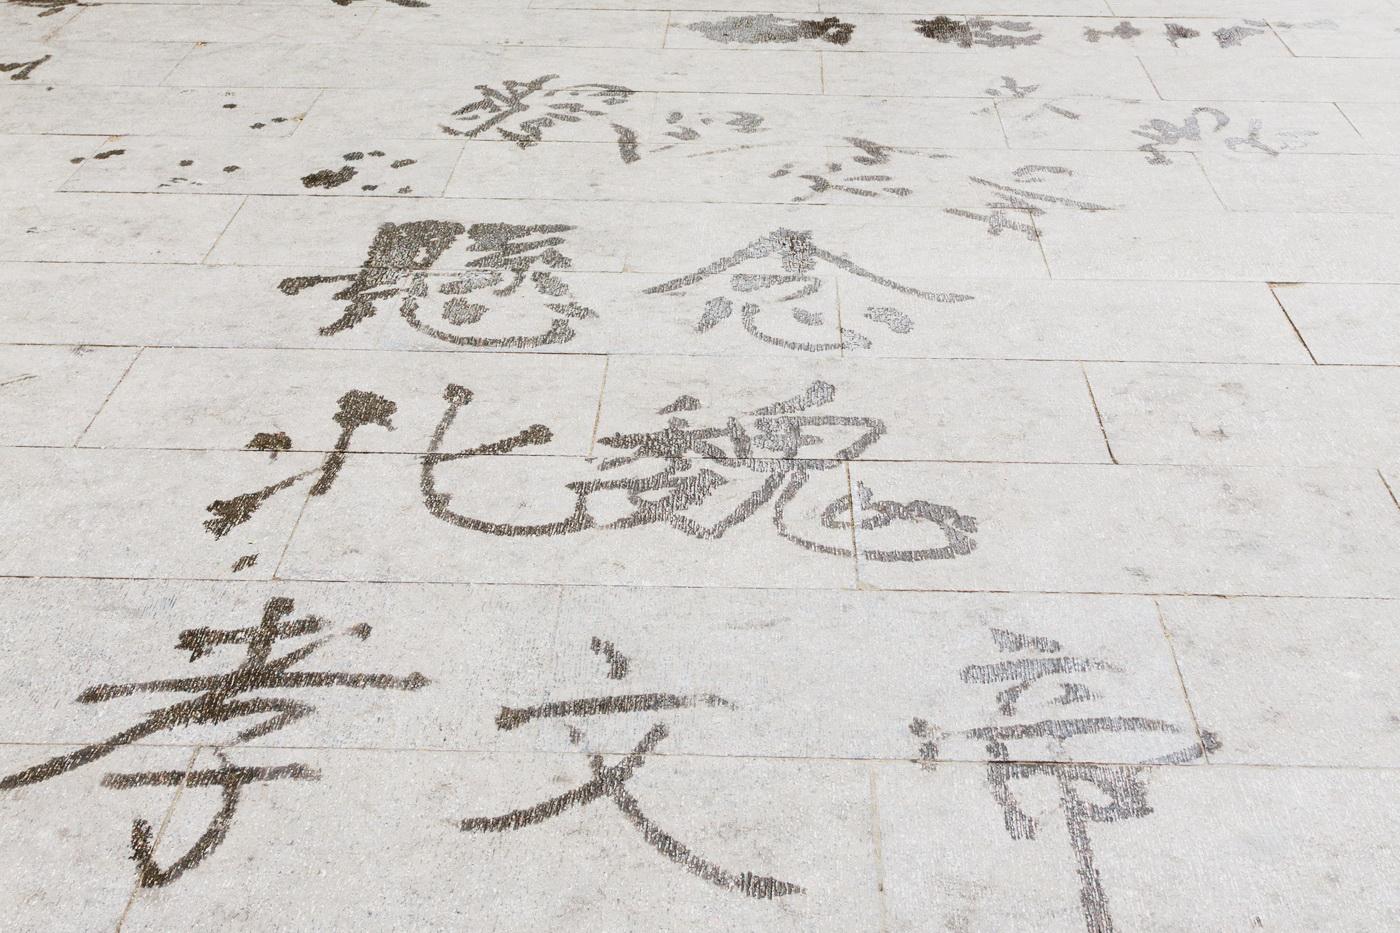 Иероглифы, написанные смоченной в воде кистью